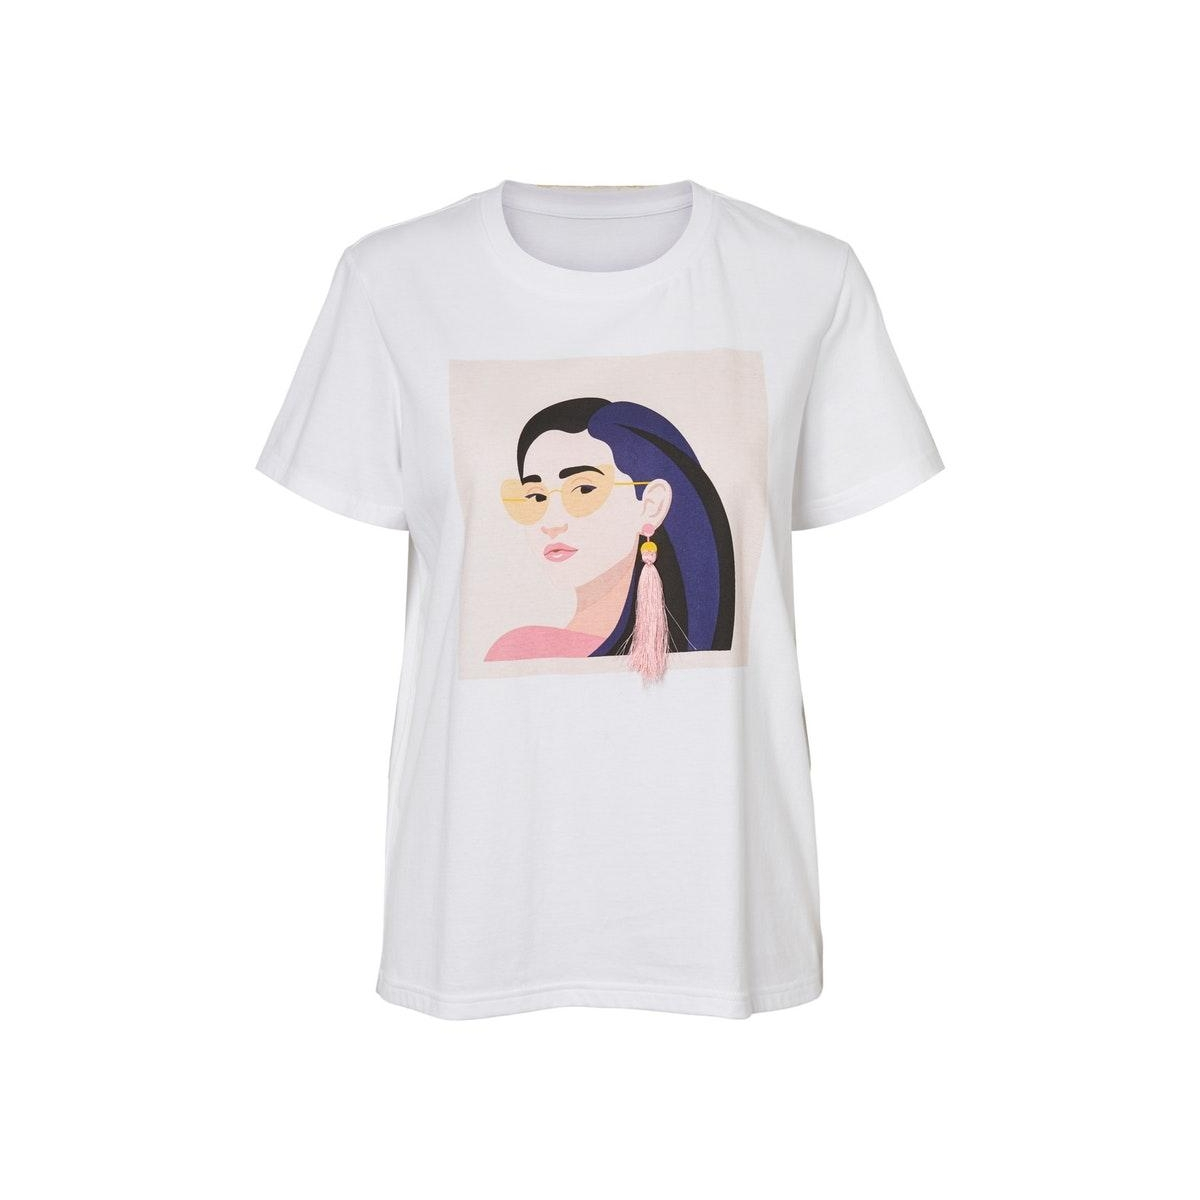 nmnate ann s/s top bg 27011741 noisy may t-shirt bright white/girl w su